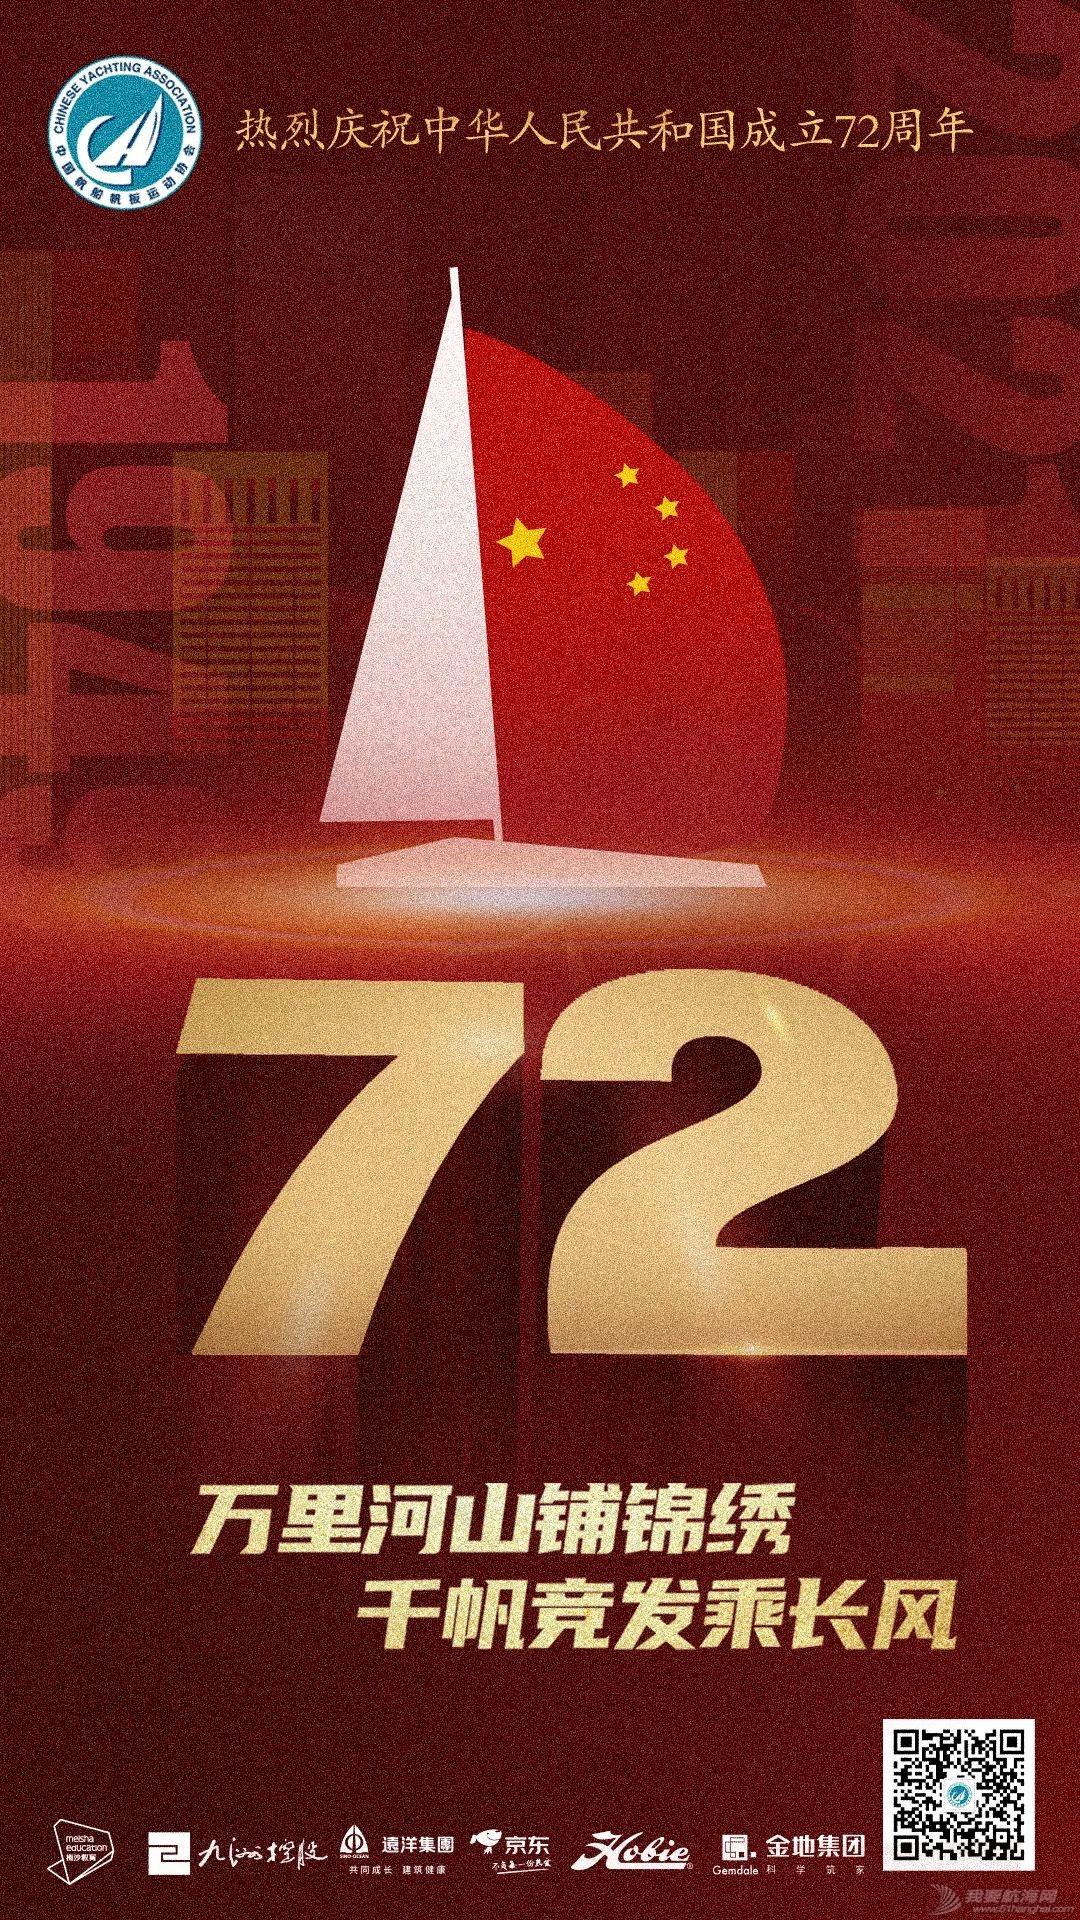 万里河山铺锦绣 千帆竞发乘长风 | 热烈庆祝中华人民共和国成立72周年w1.jpg